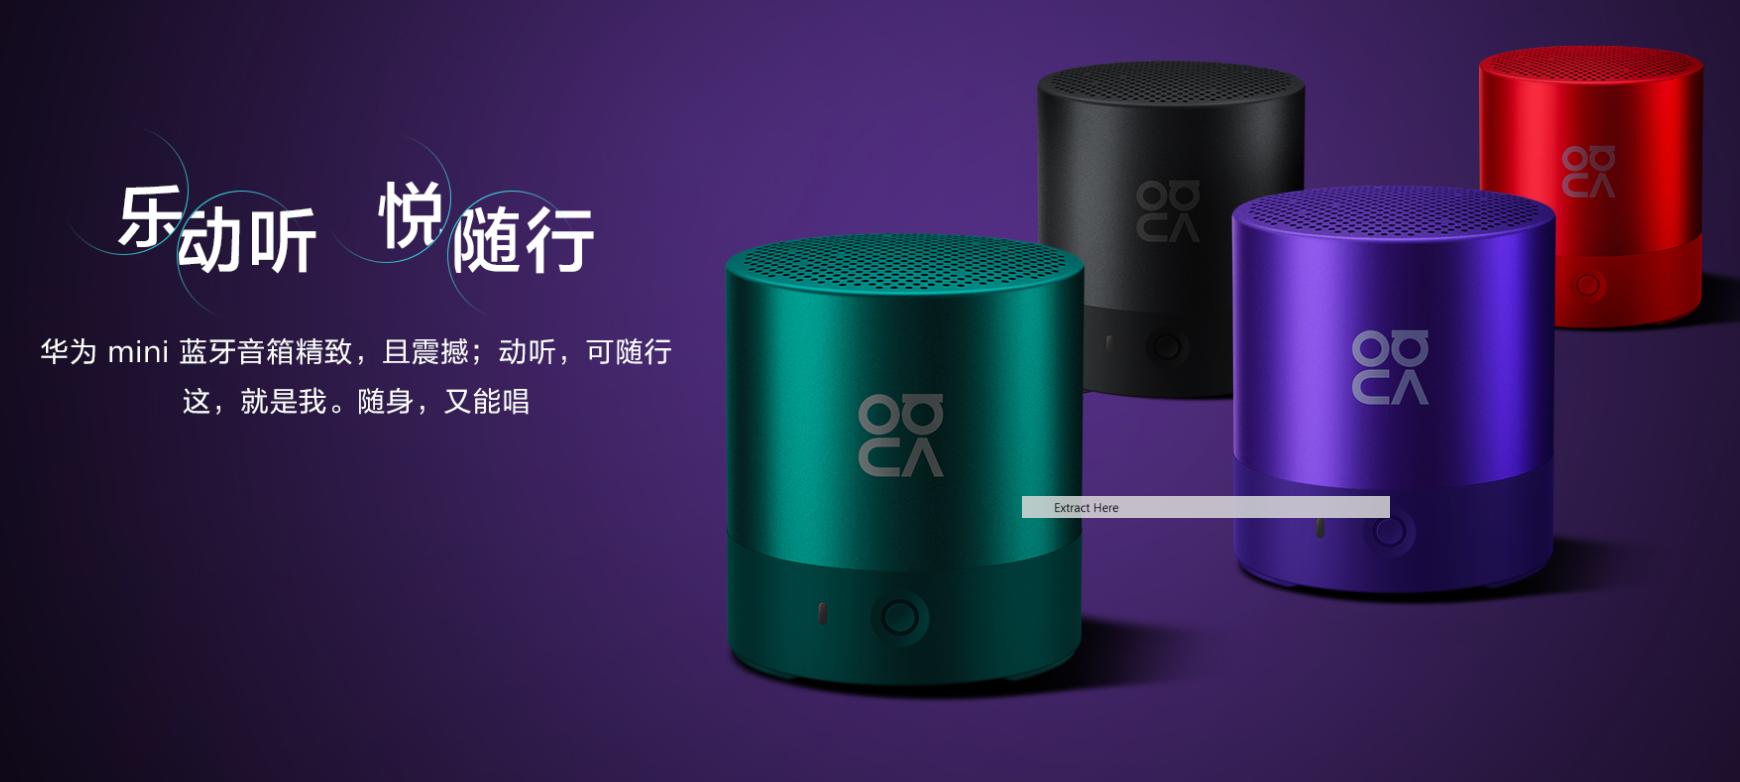 Huawei Nova – это не только смартфоны, но еще и защищенная